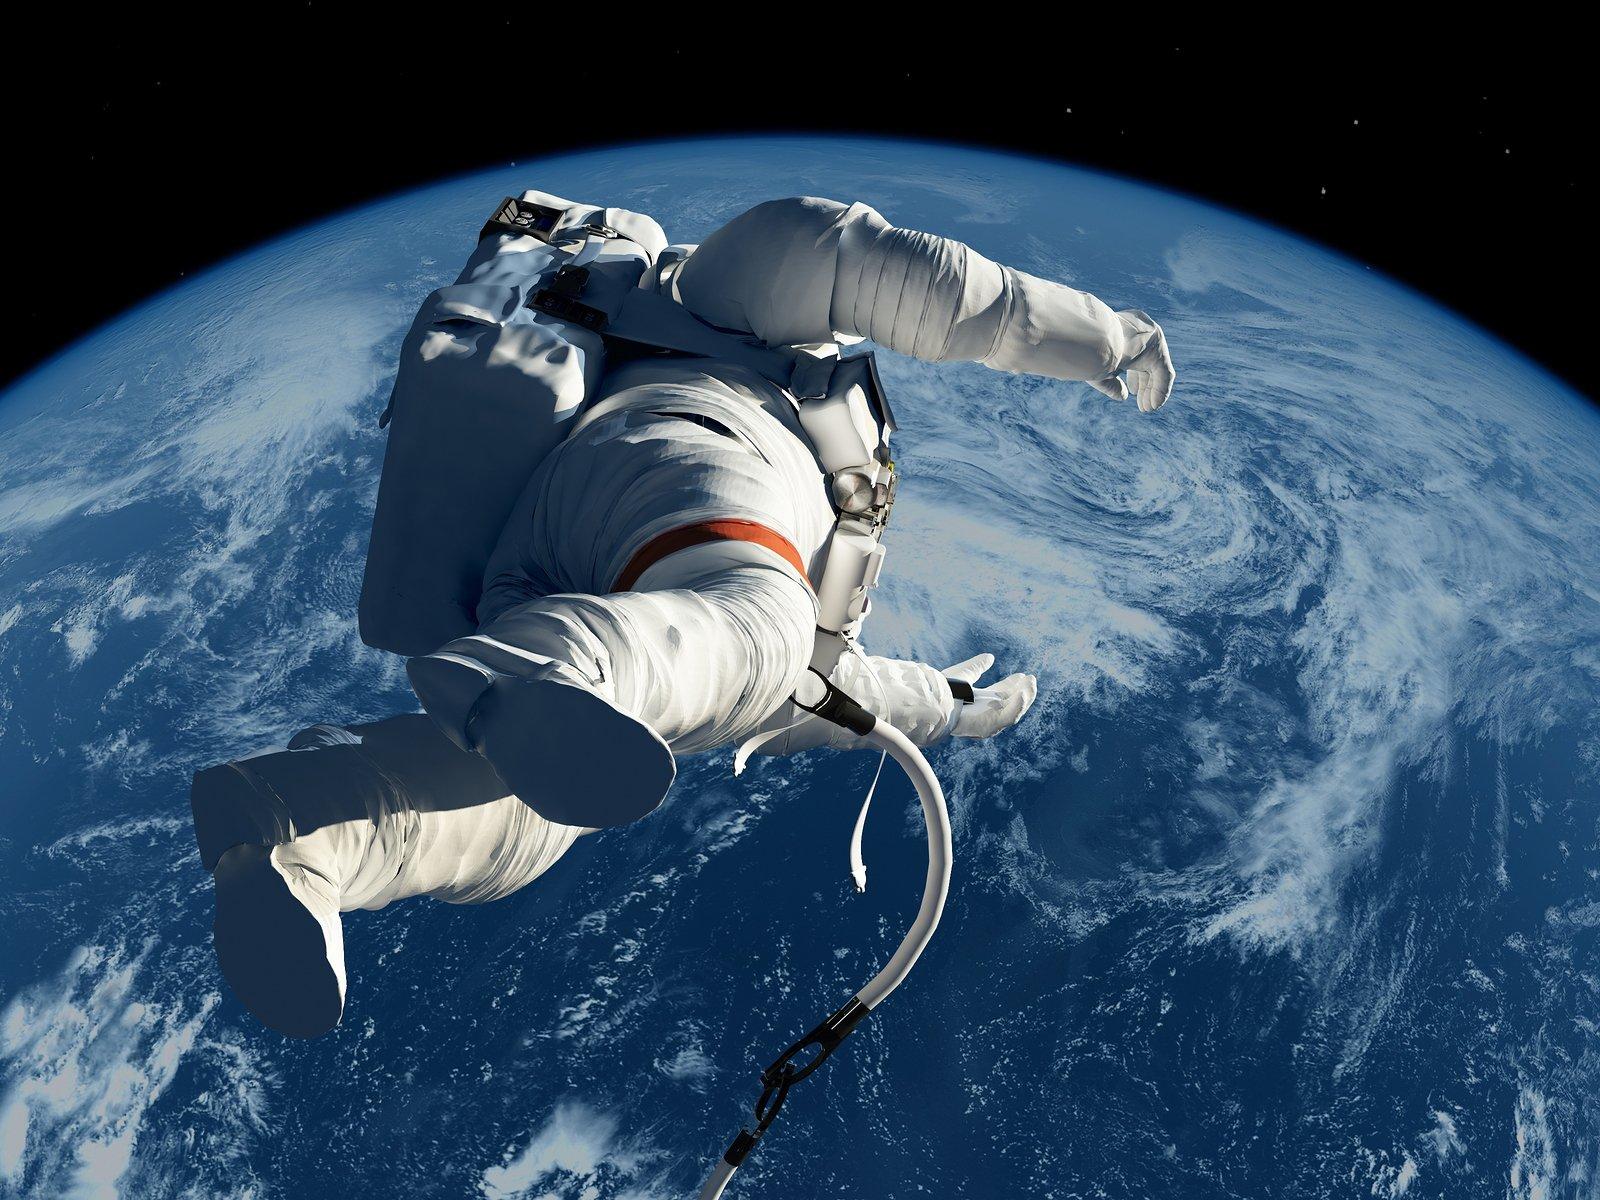 фото картинки космоса и планет и космонавтов впечатление, что